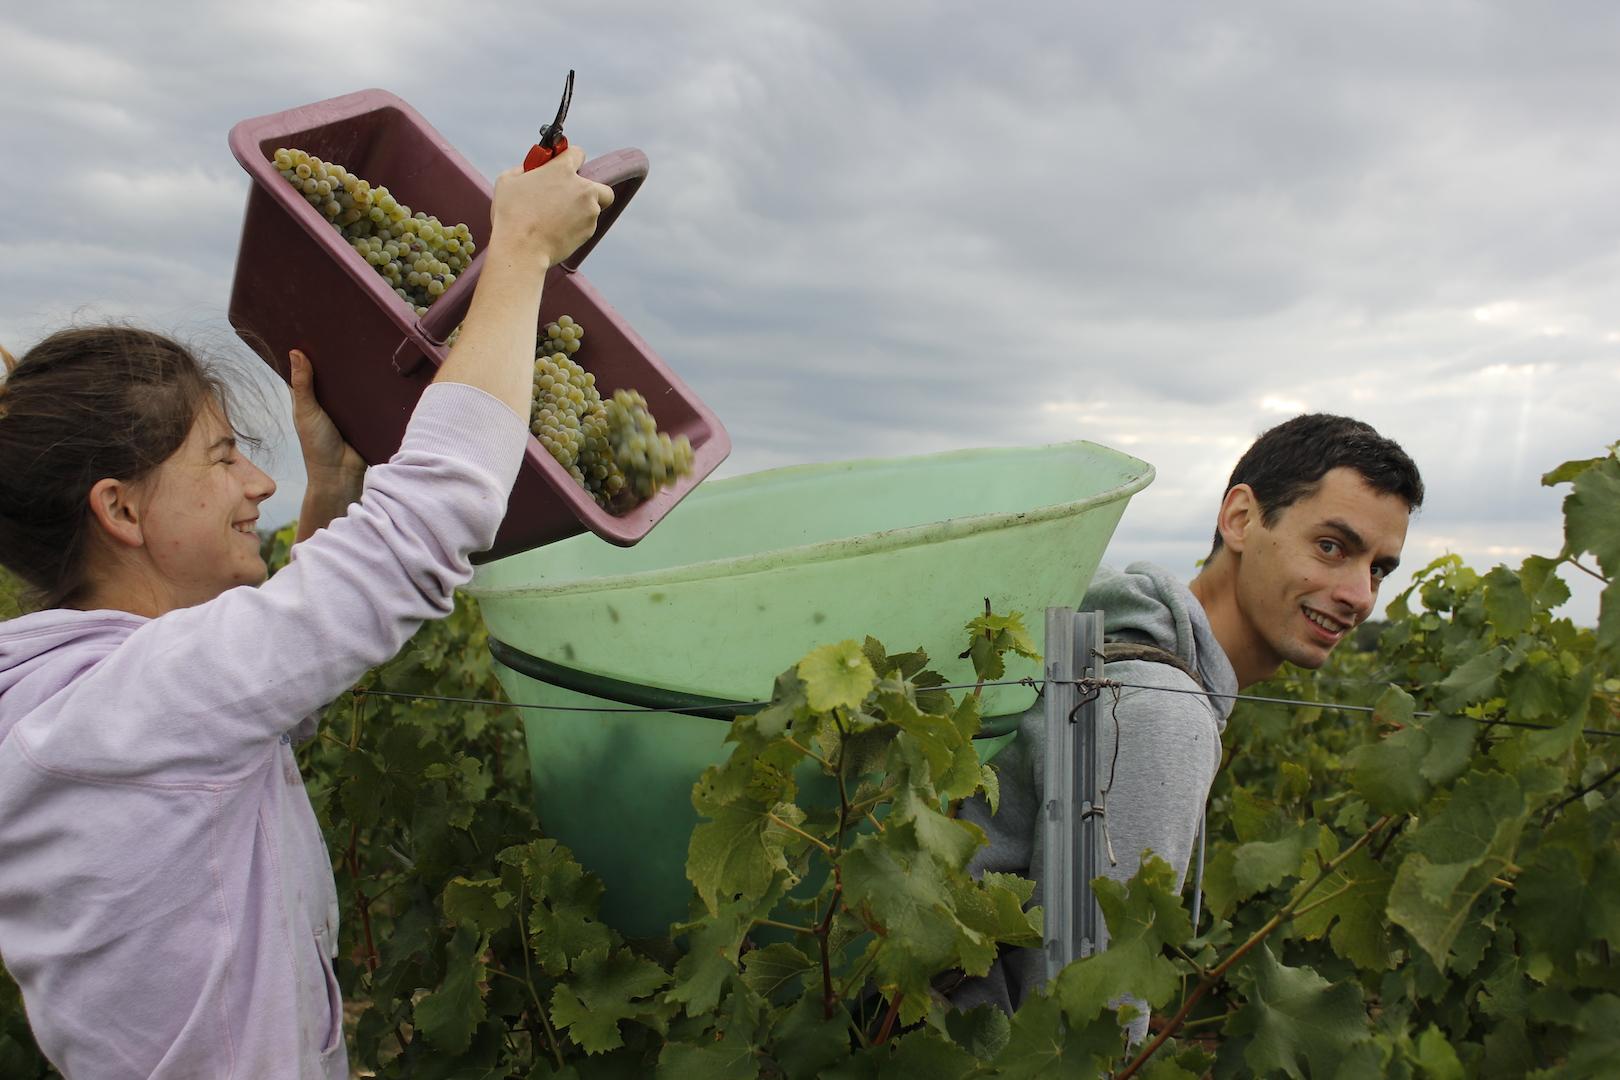 chateau-des-arras-hand-harvest-bordeaux-white-wine